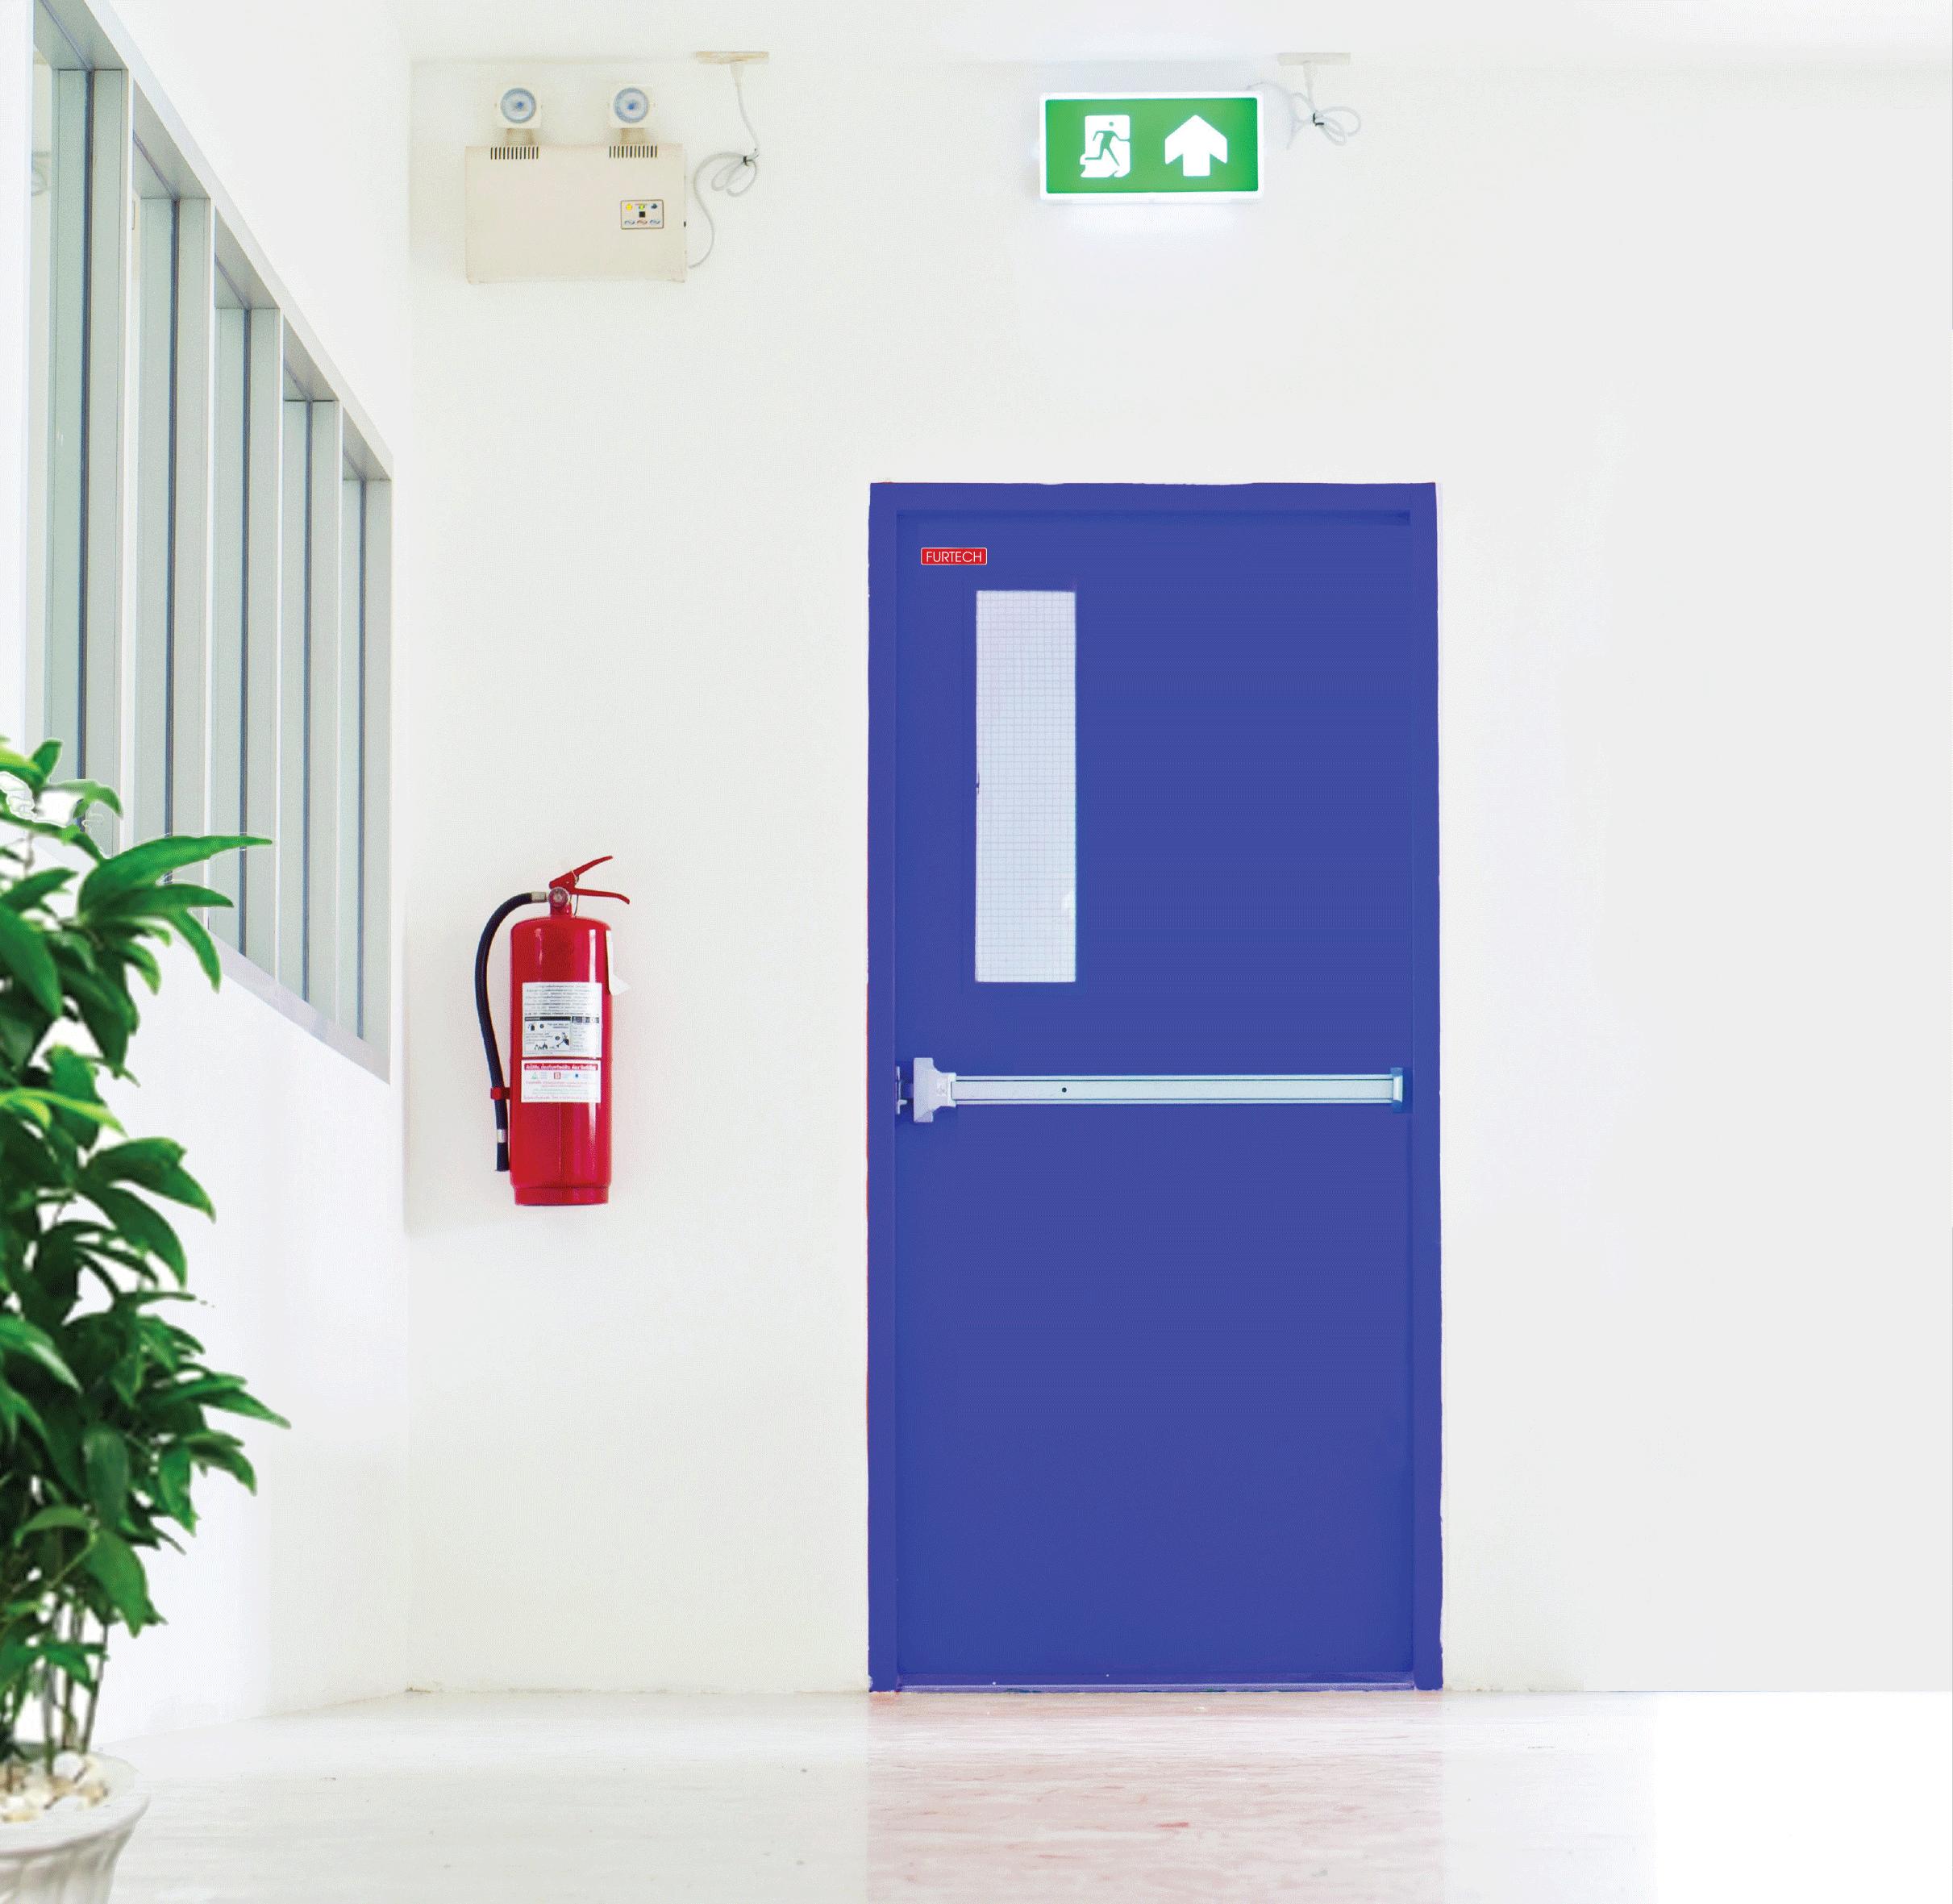 Bảo trì, bảo dưỡng cửa chống cháy định kỳ sẽ giúp cửa hoạt động tốt